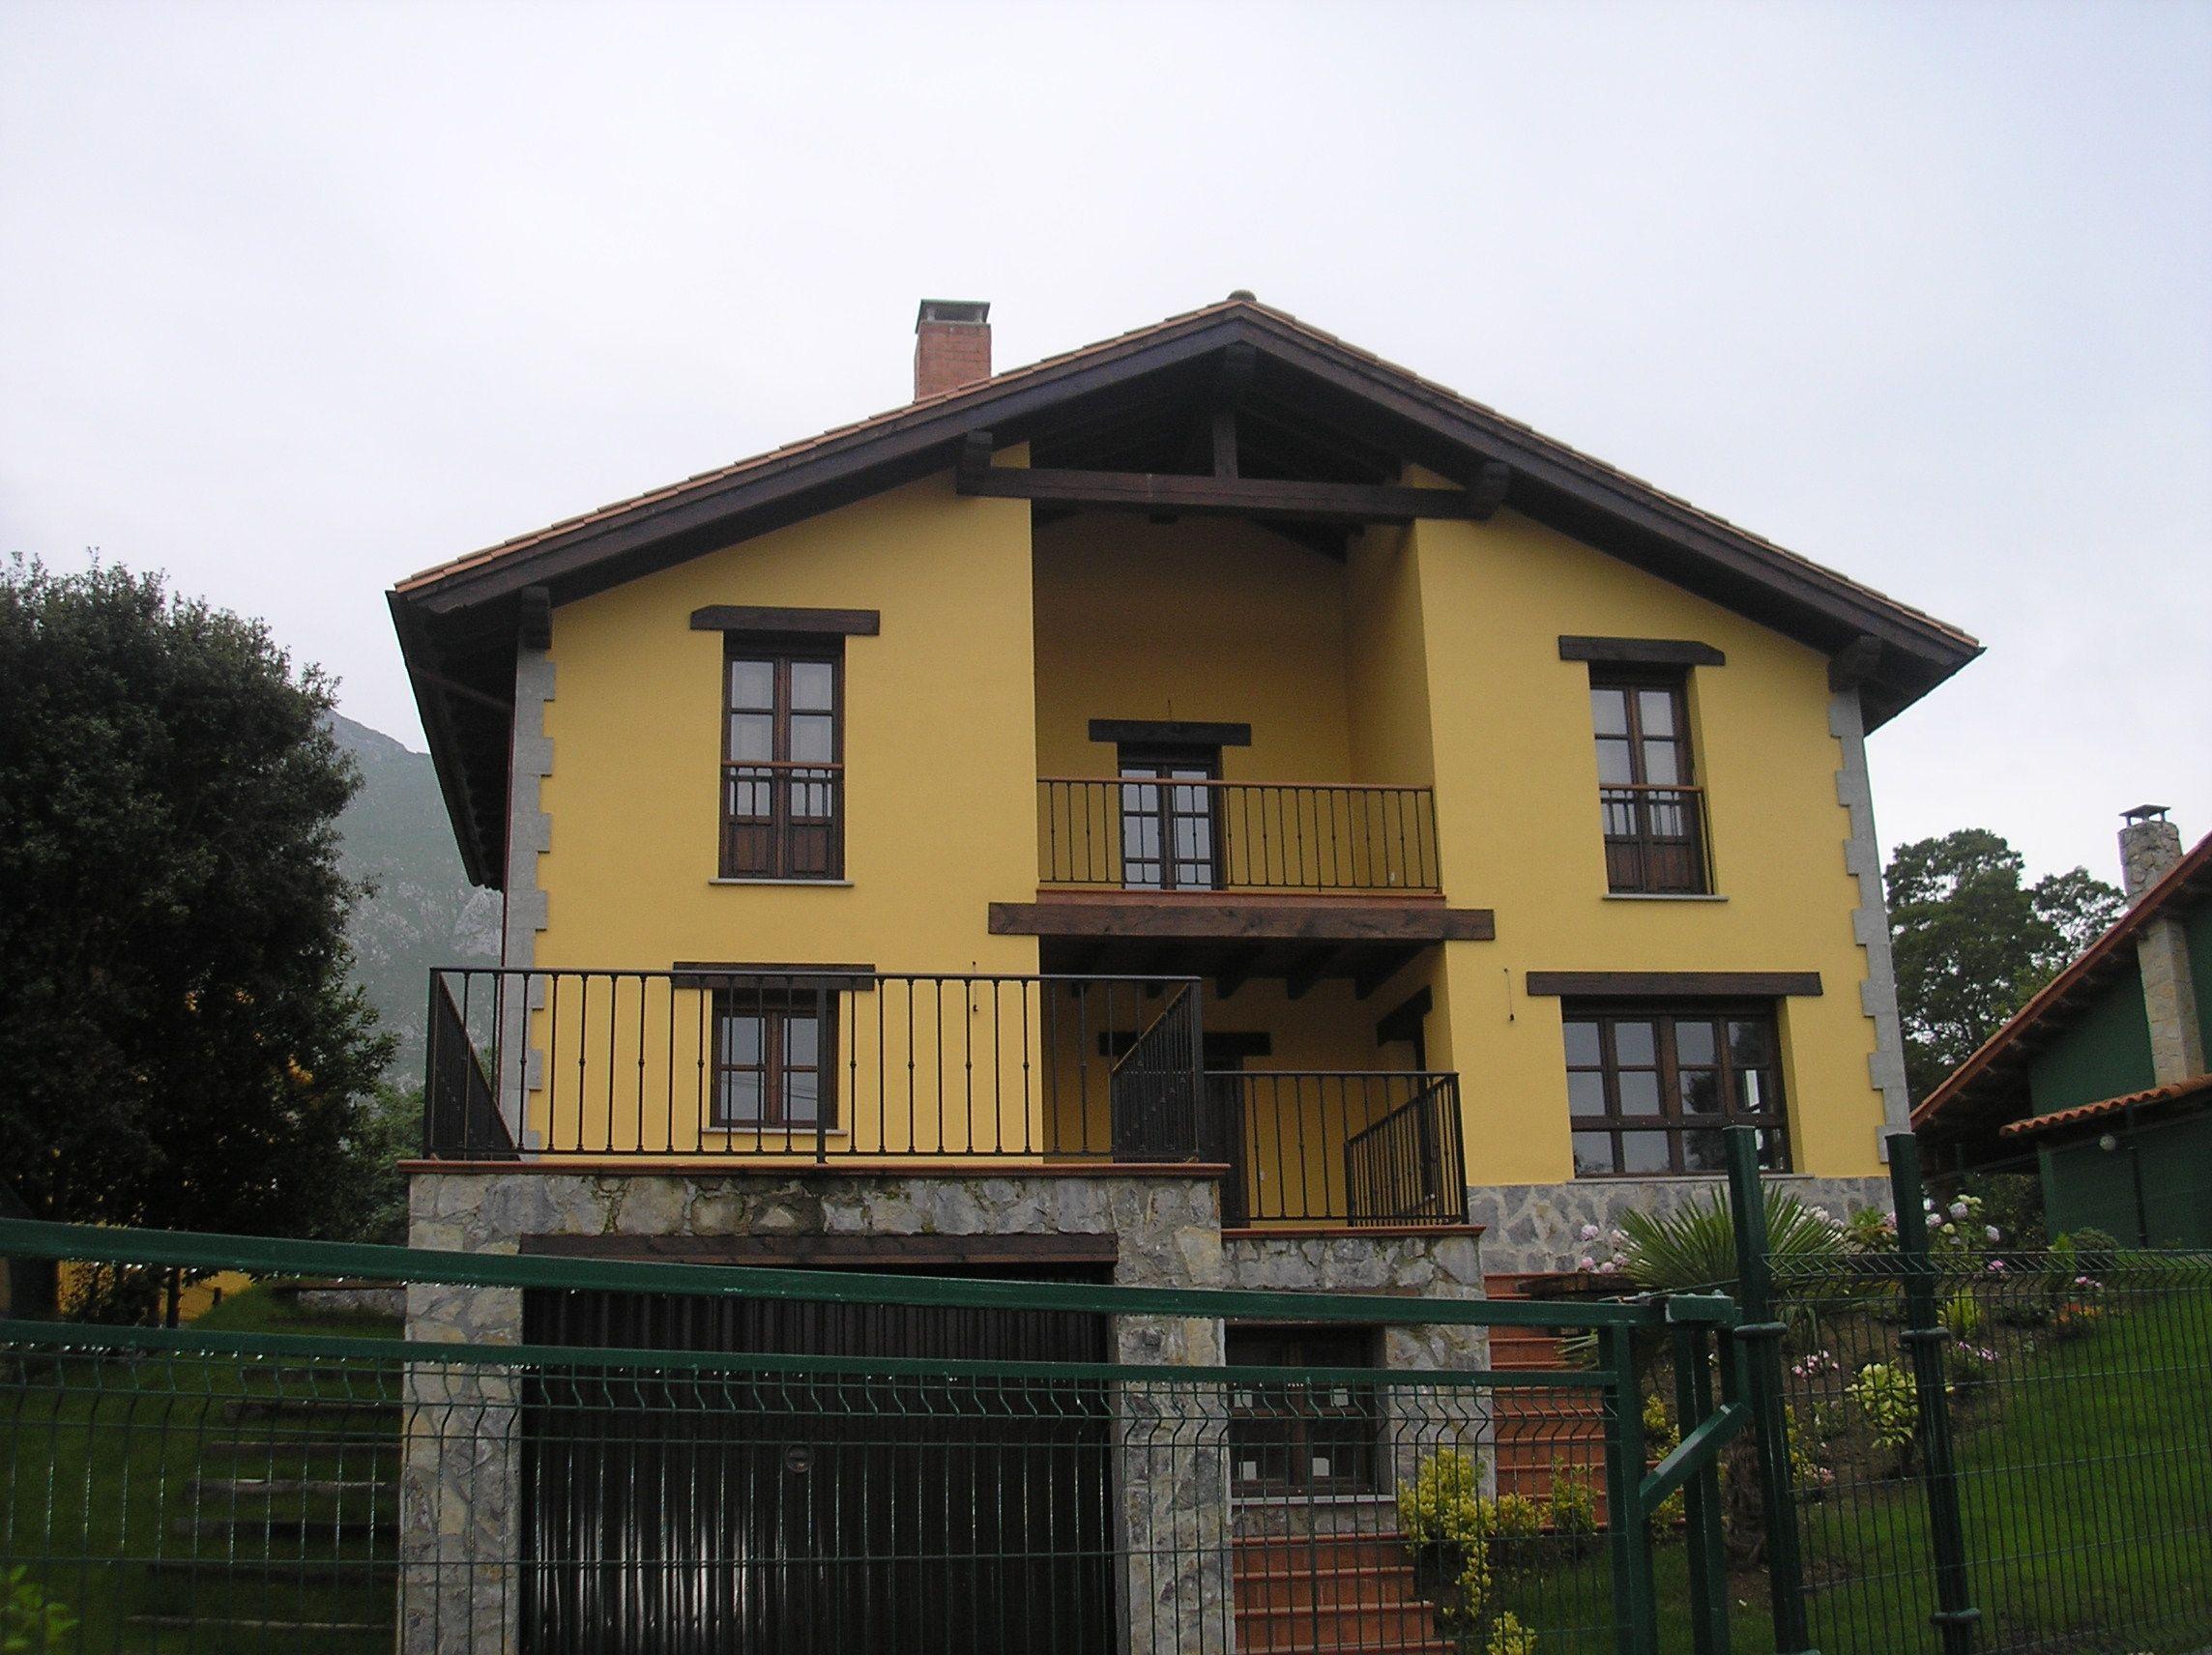 Gran casa con imponente tejado en madera a 2 aguas en un for Tejados de madera